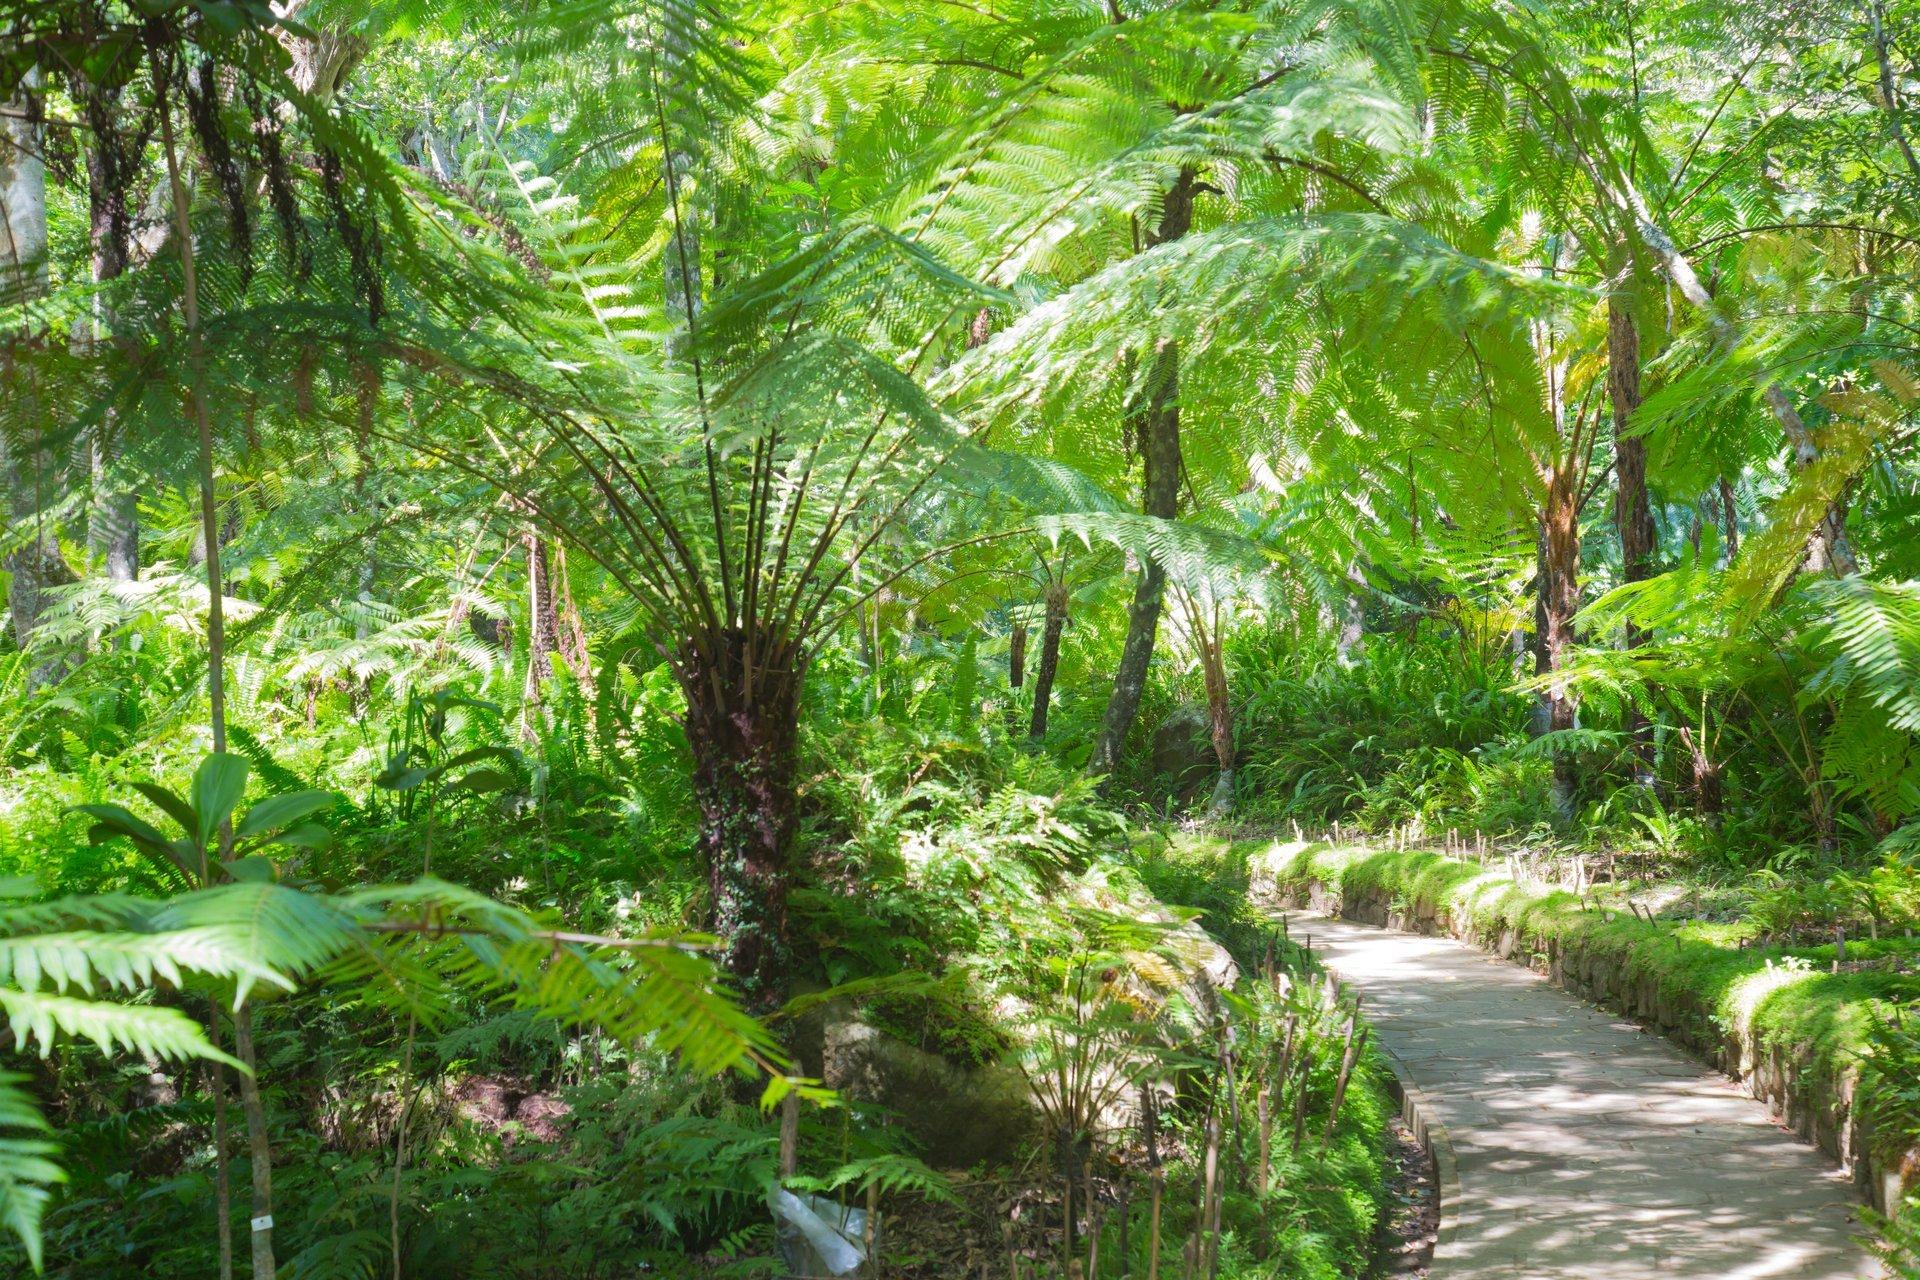 Best time for Hakgala Botanical Gardens in Sri Lanka 2020